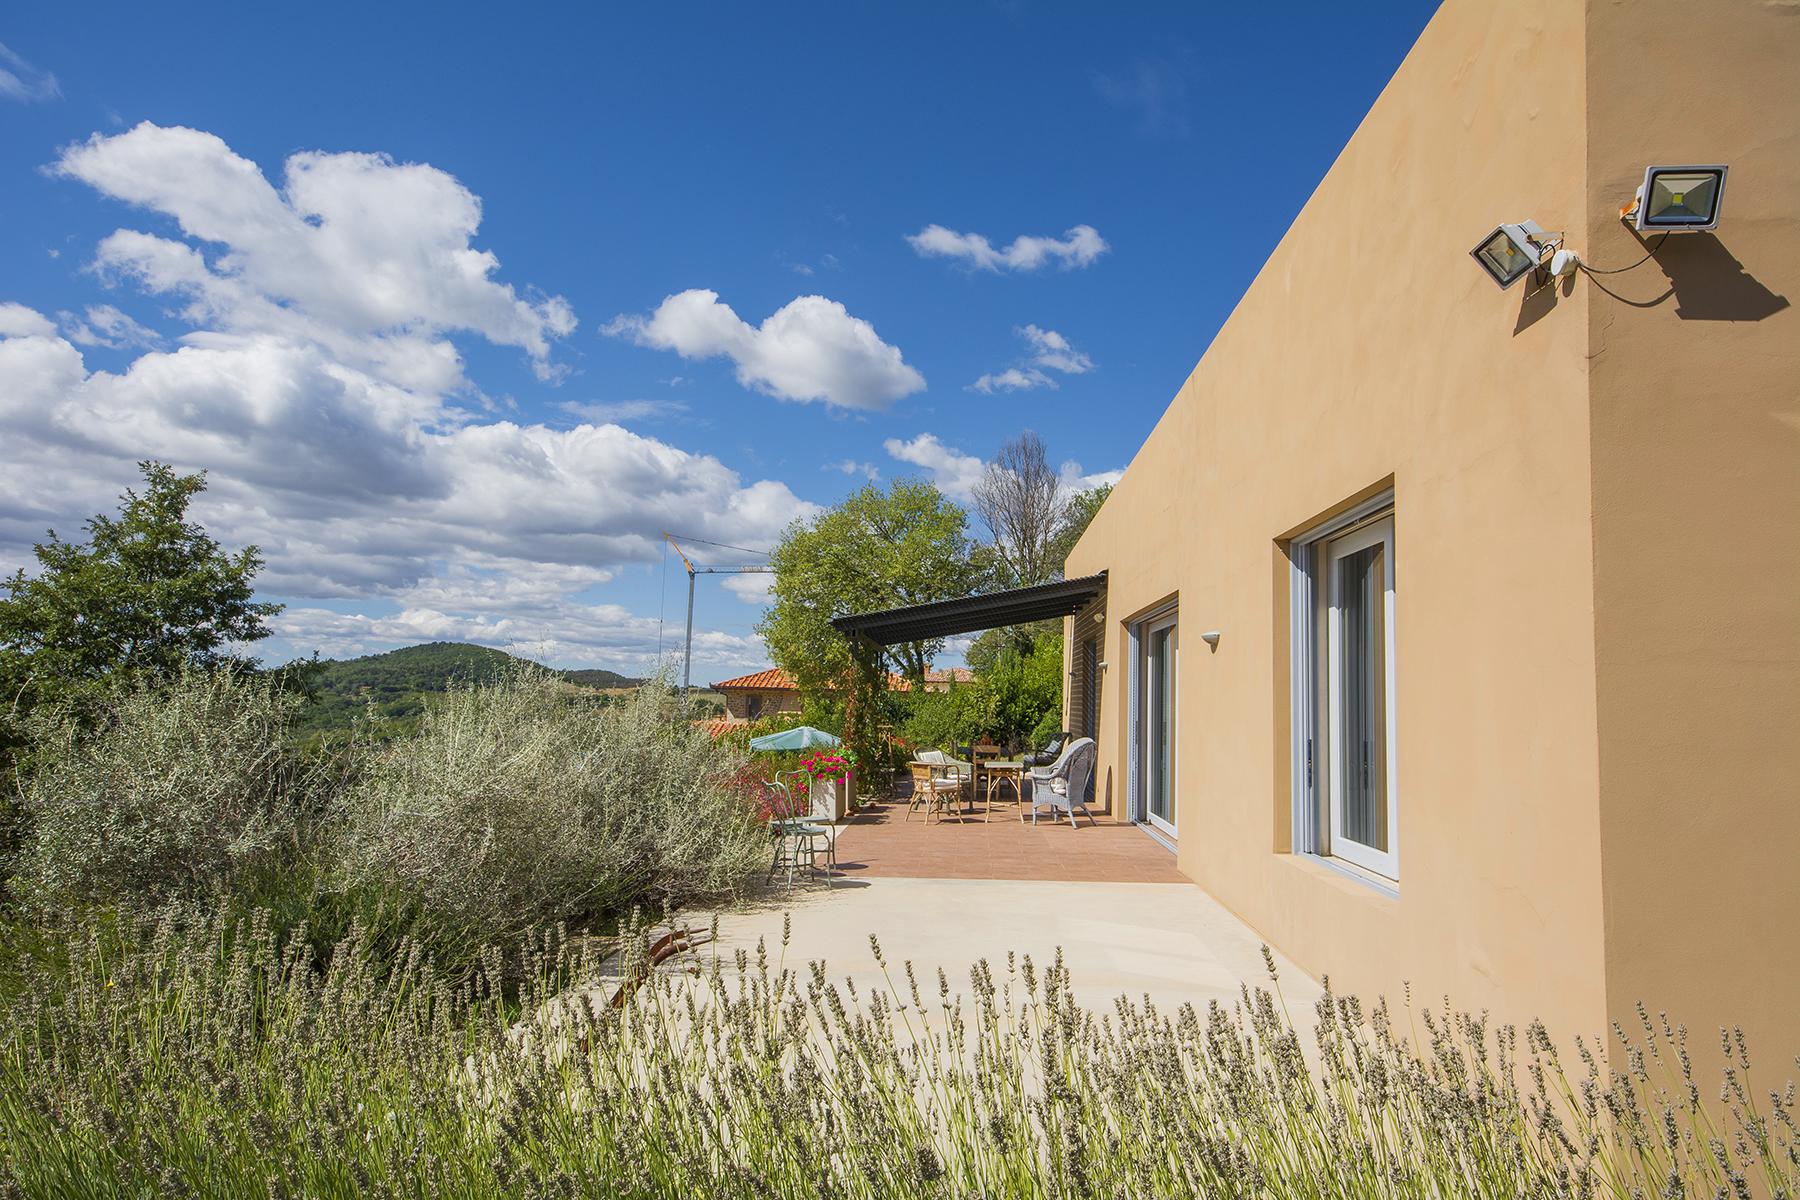 Casa indipendente in Vendita a Lisciano Niccone: 5 locali, 414 mq - Foto 4